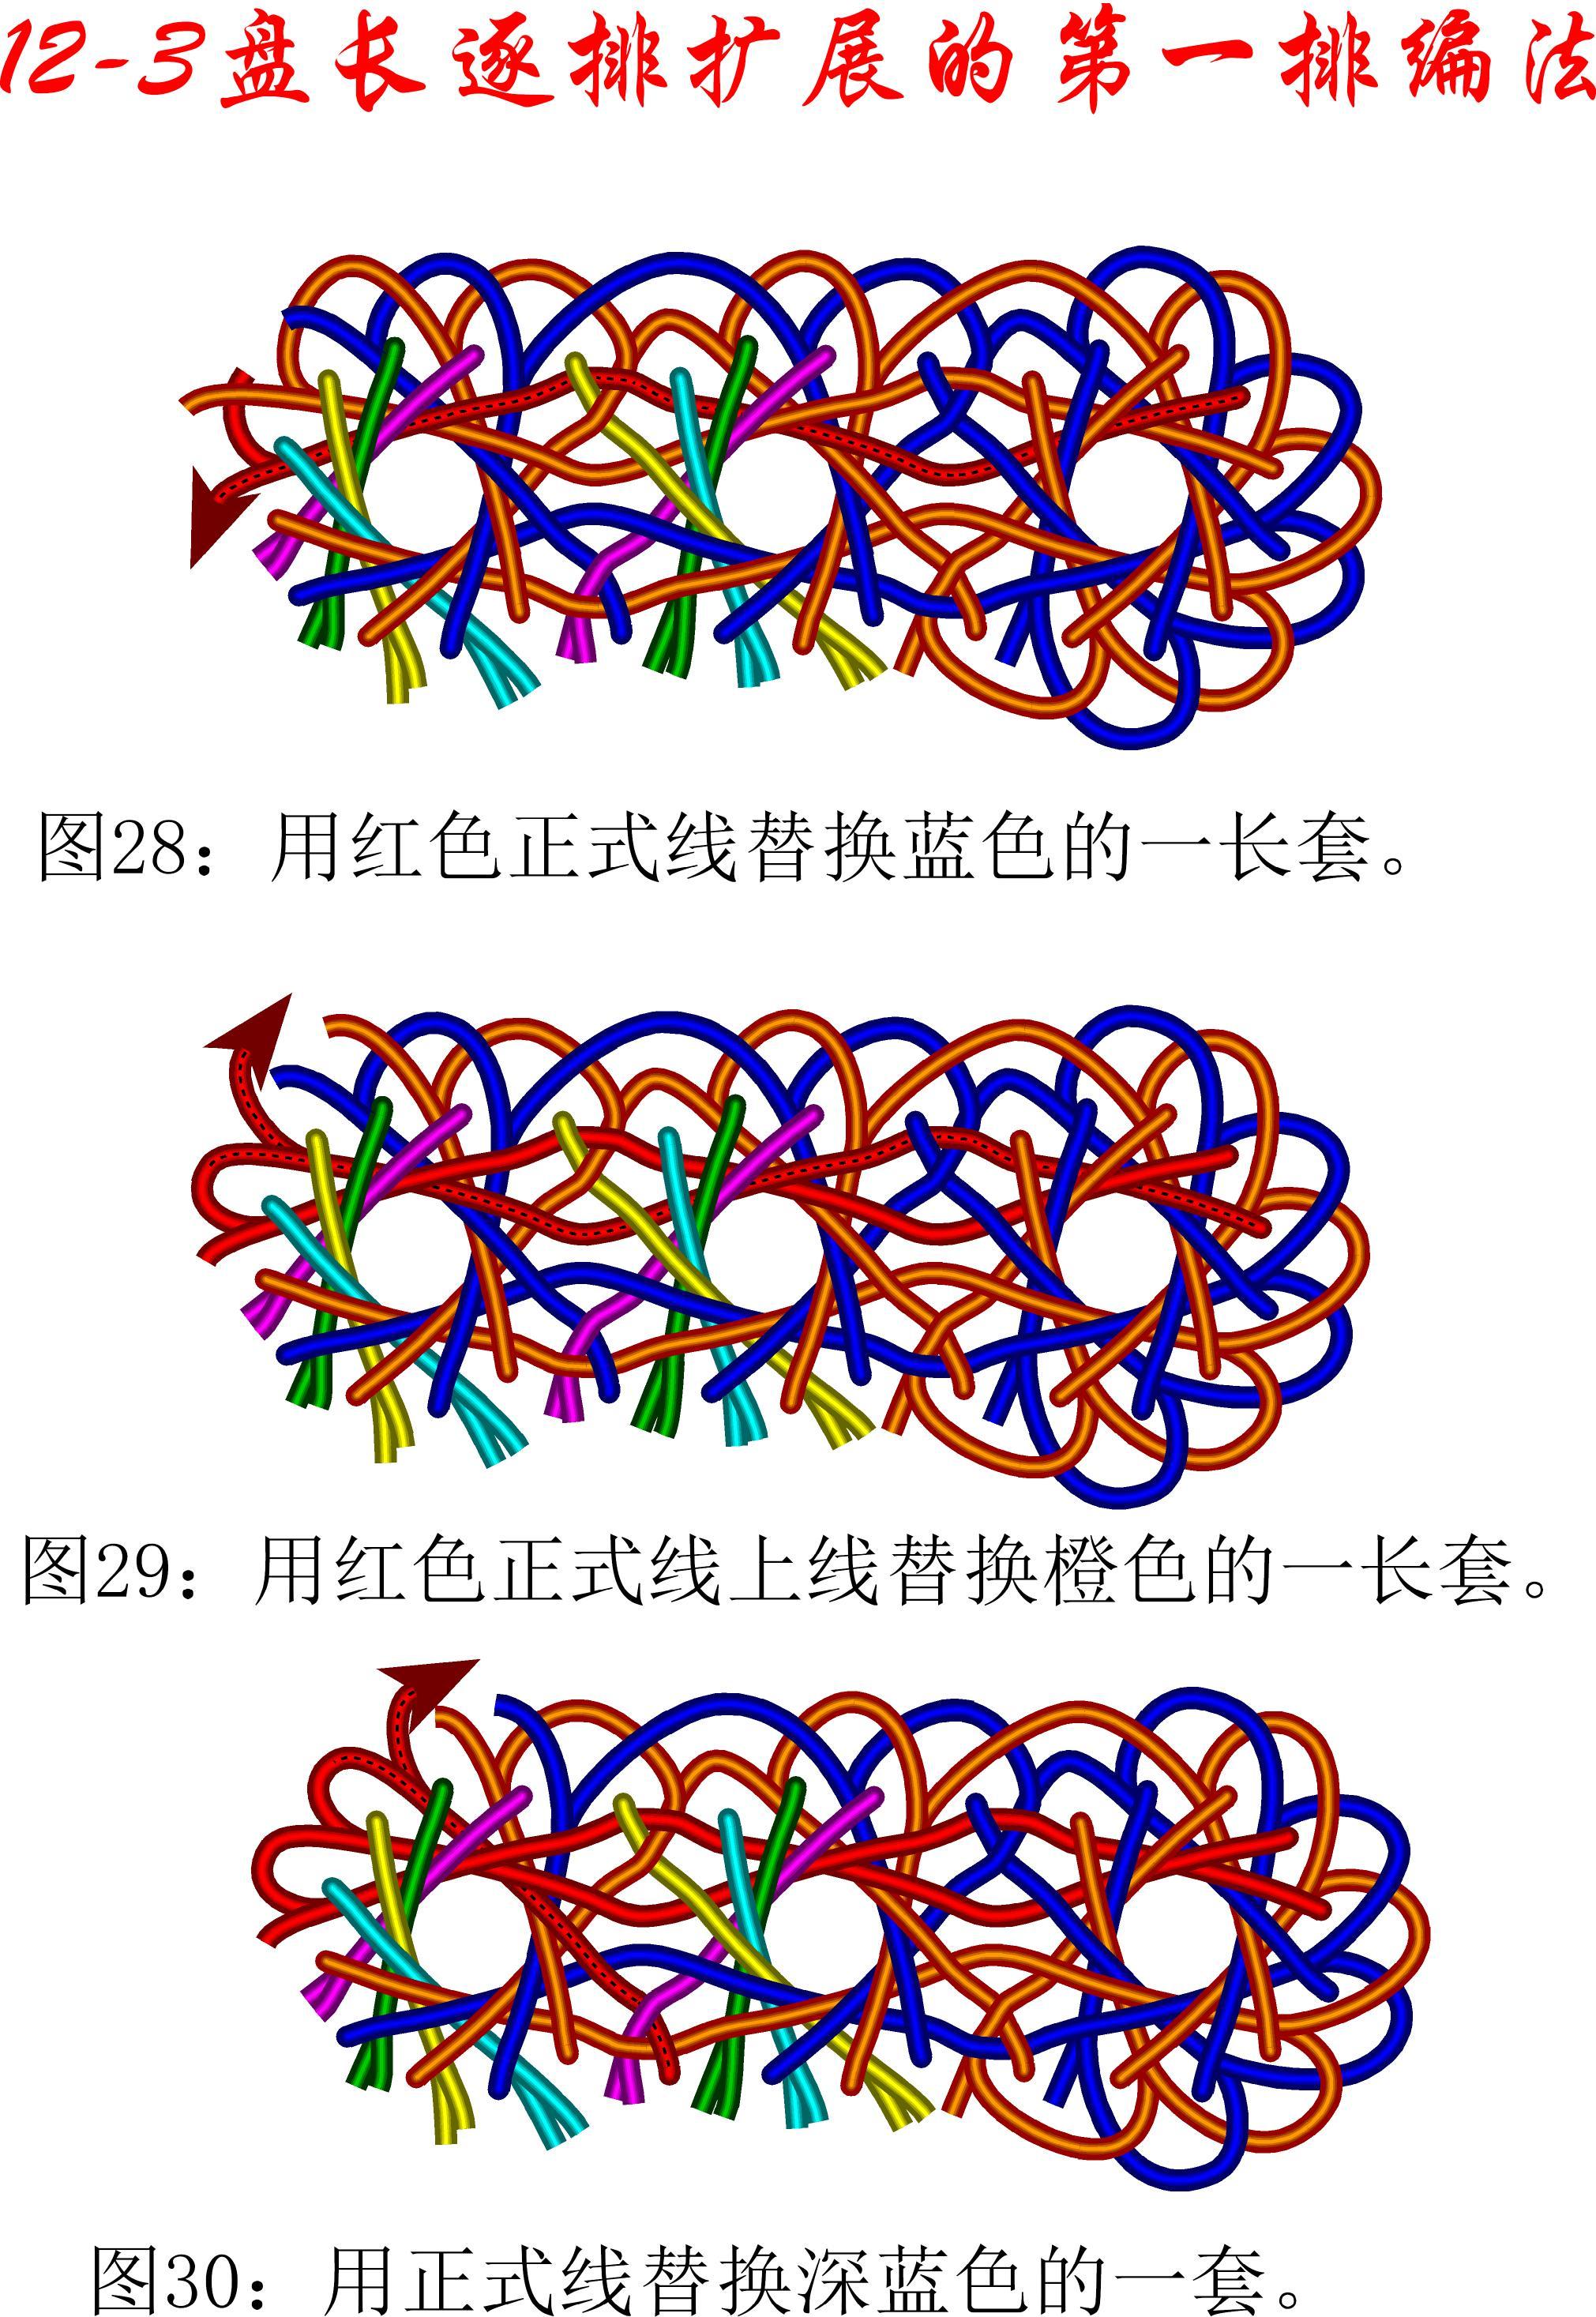 中国结论坛 12-3排扩展法第一排的基盘长编法教程 教程,共基接法,扩展法定义,定基分析法,扩展编码法 丑丑徒手编结 111134ca64wq8ehw8qvl8a